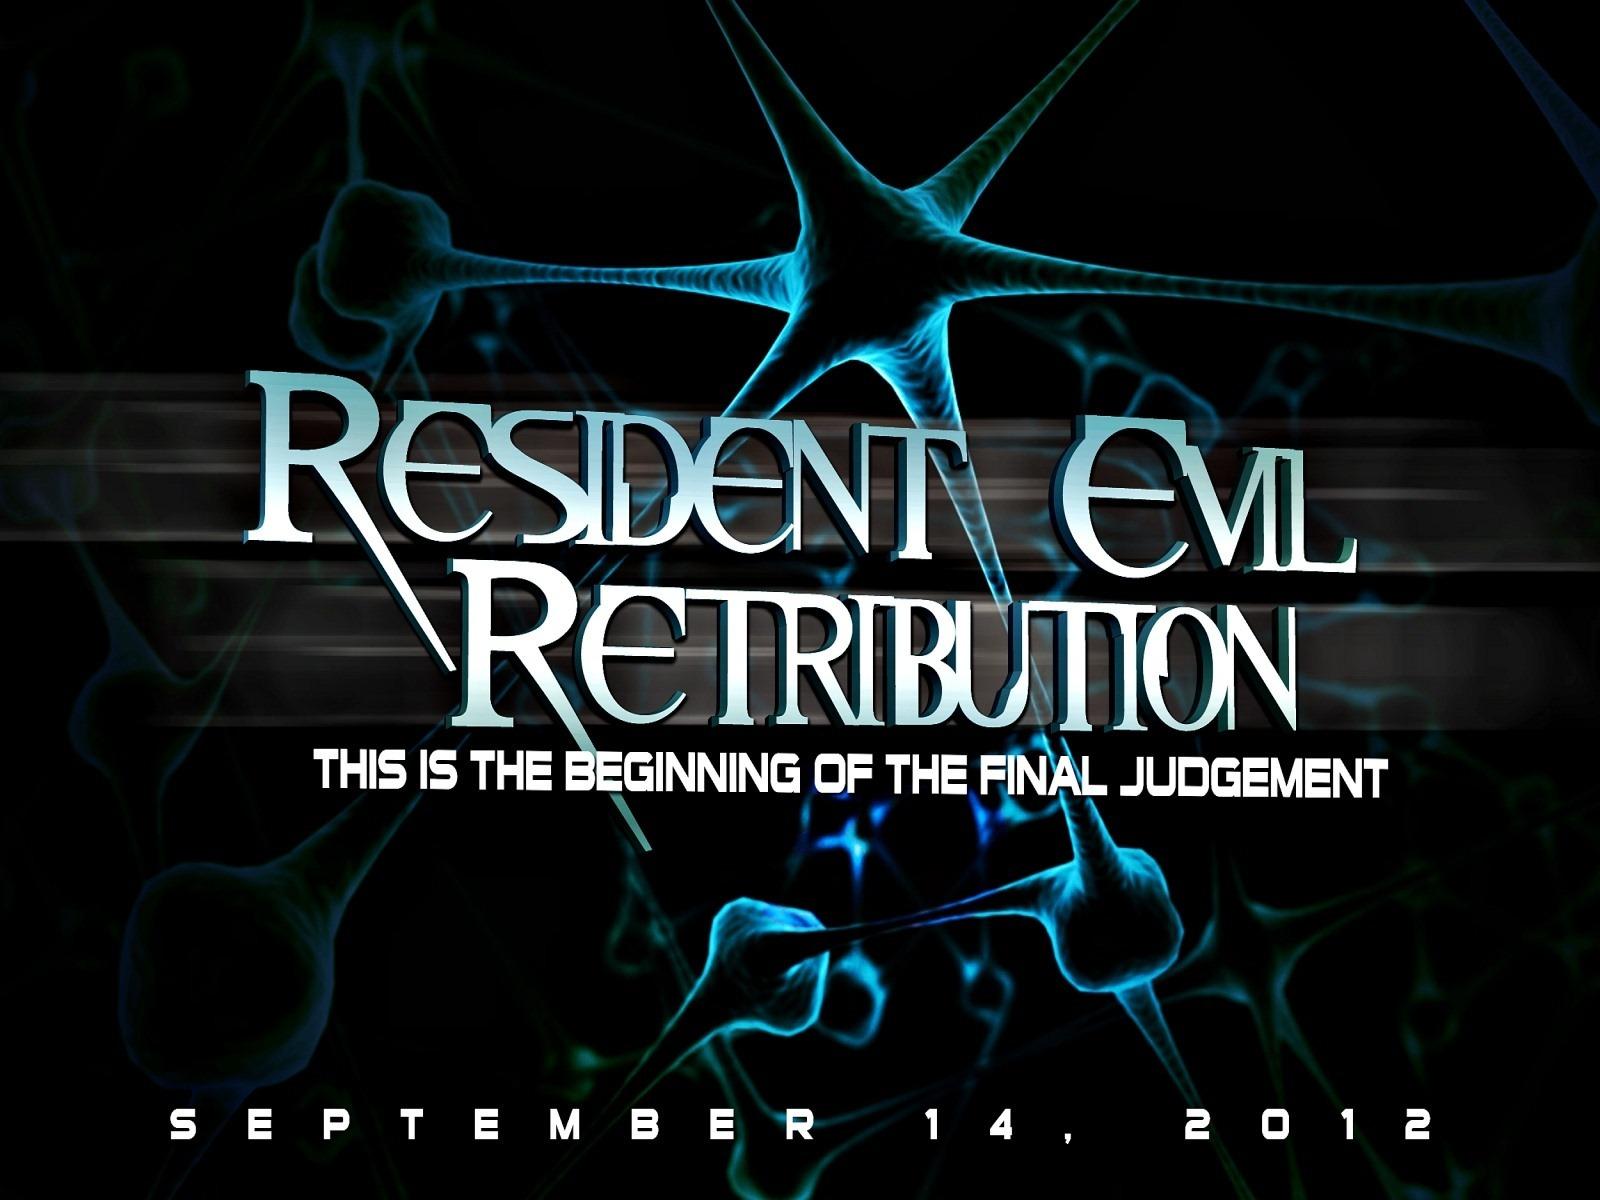 http://2.bp.blogspot.com/-hH4AQqUQUgs/UN_luhITGtI/AAAAAAAAMCM/9o5AsdUntrU/s1600/resident+evil+retribution+wallpaper+2.jpg